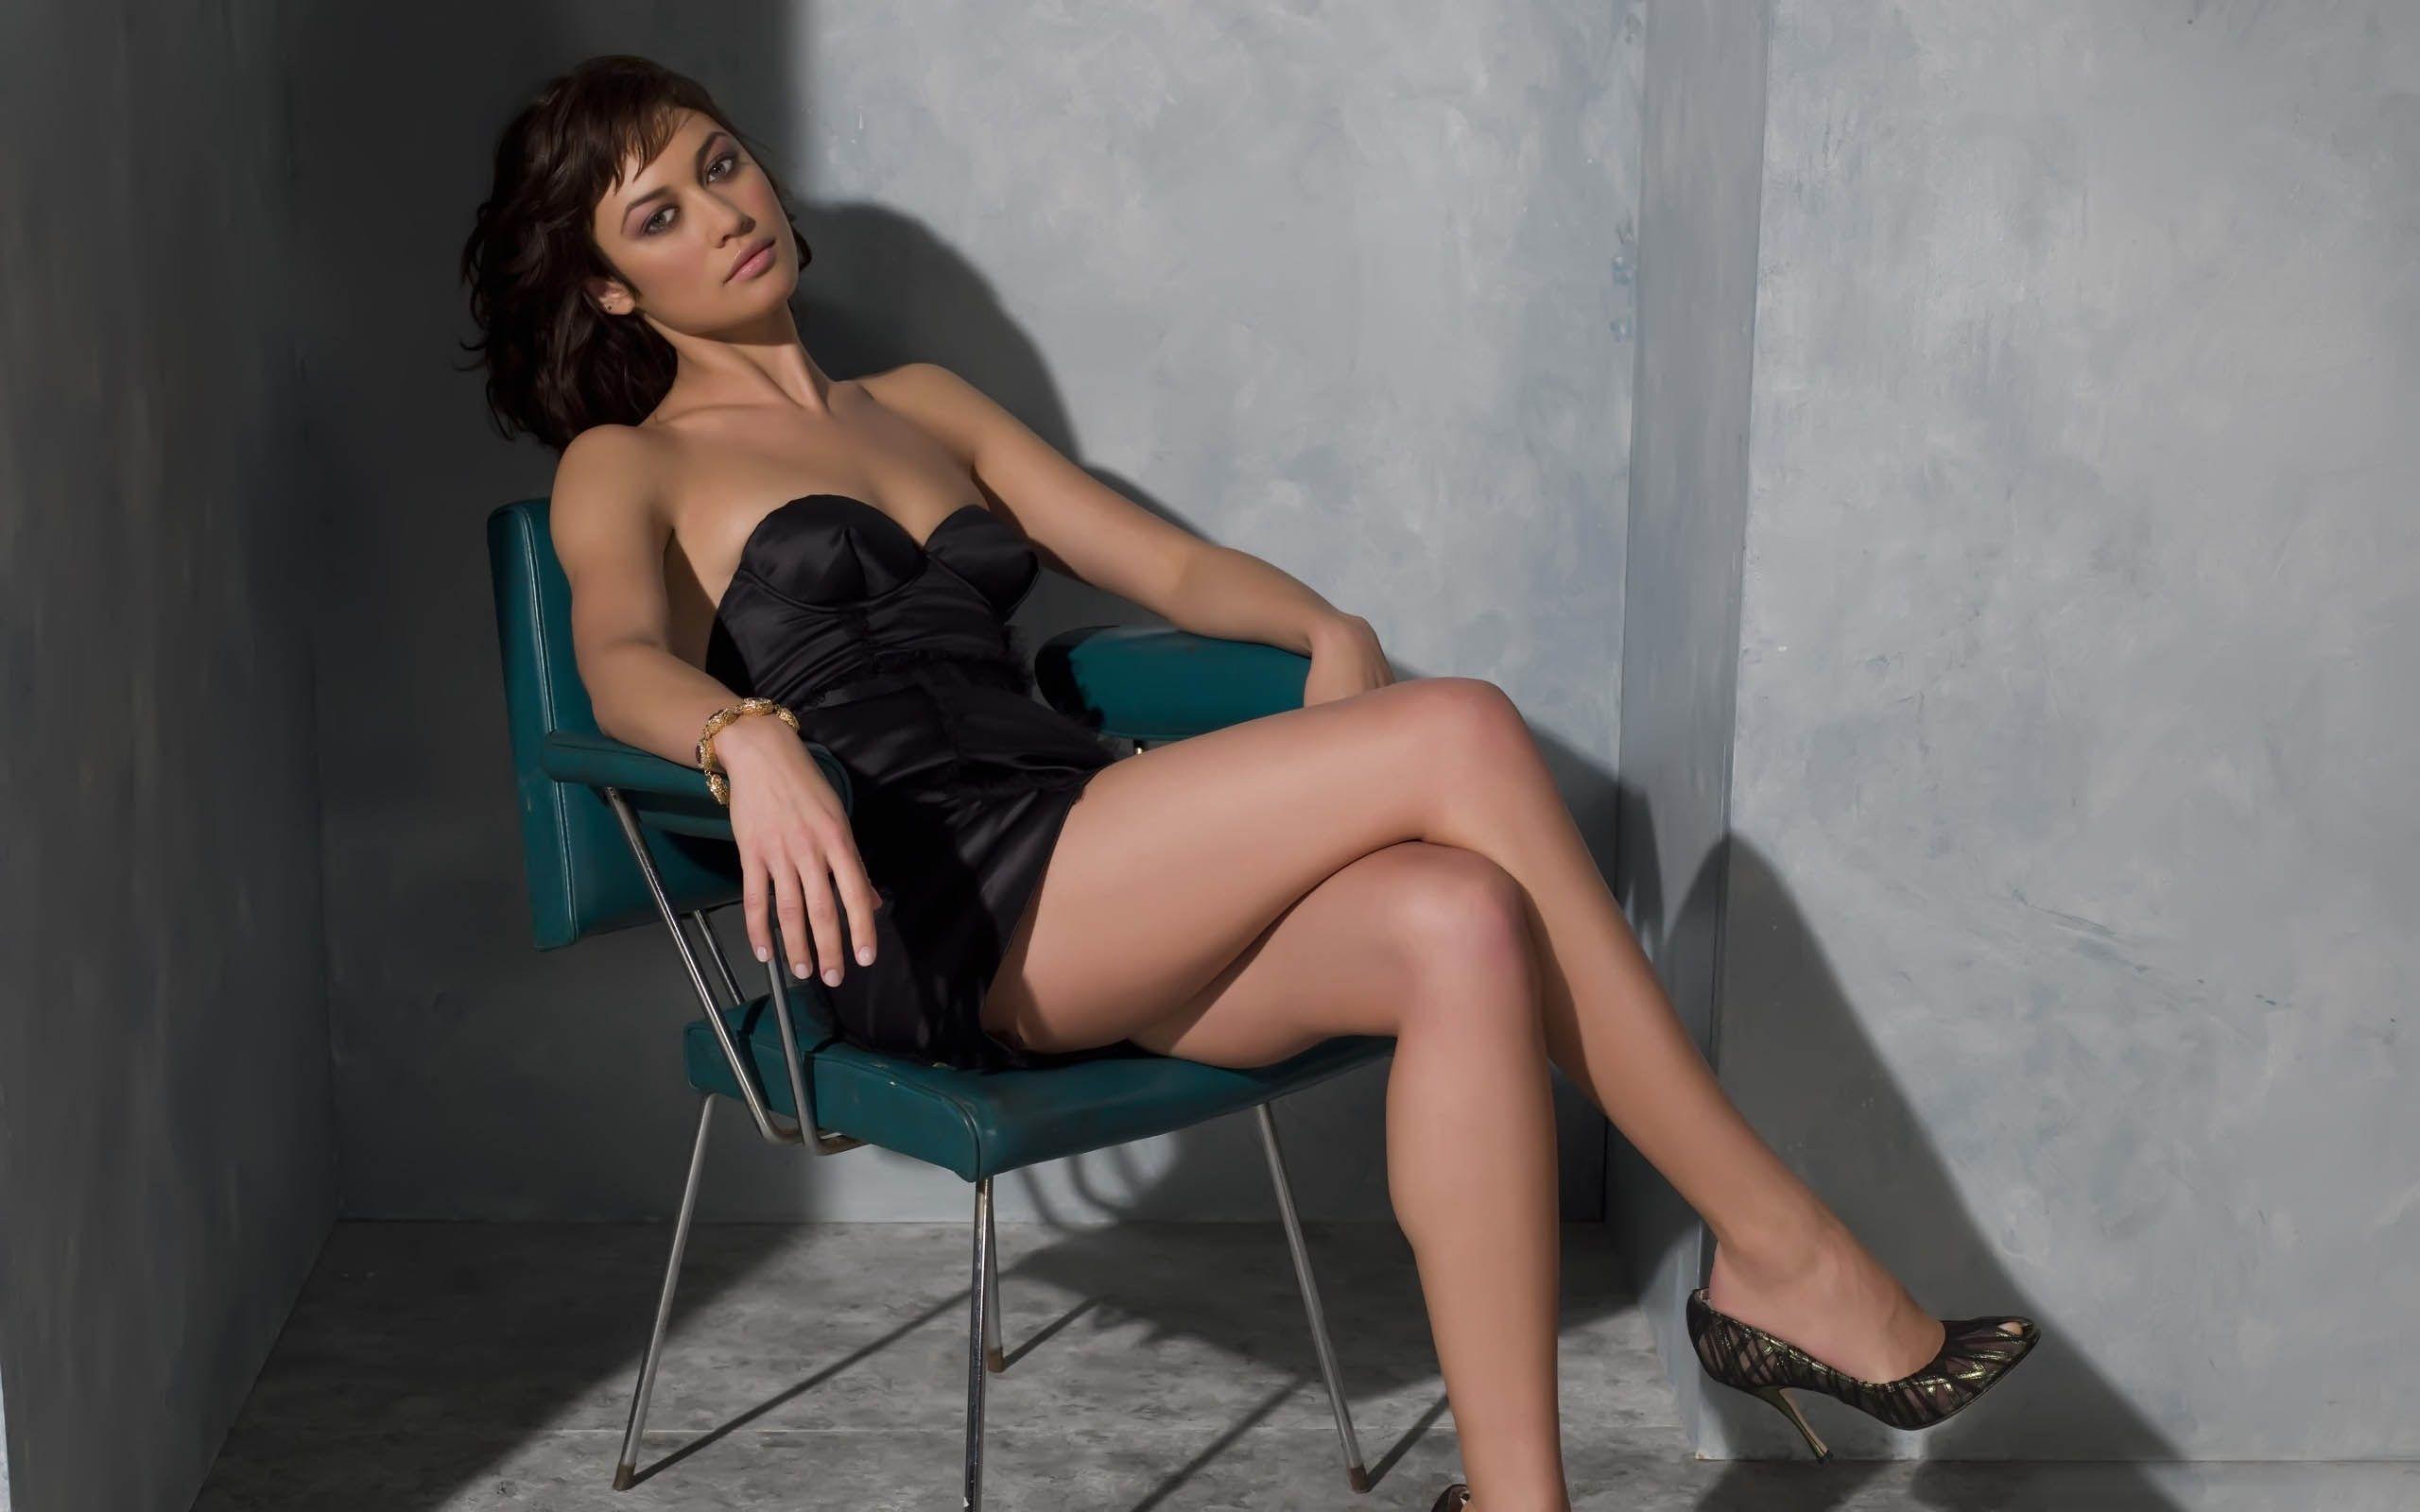 krasivie-zhenskie-koleni-vzrosloy-zhenshini-foto